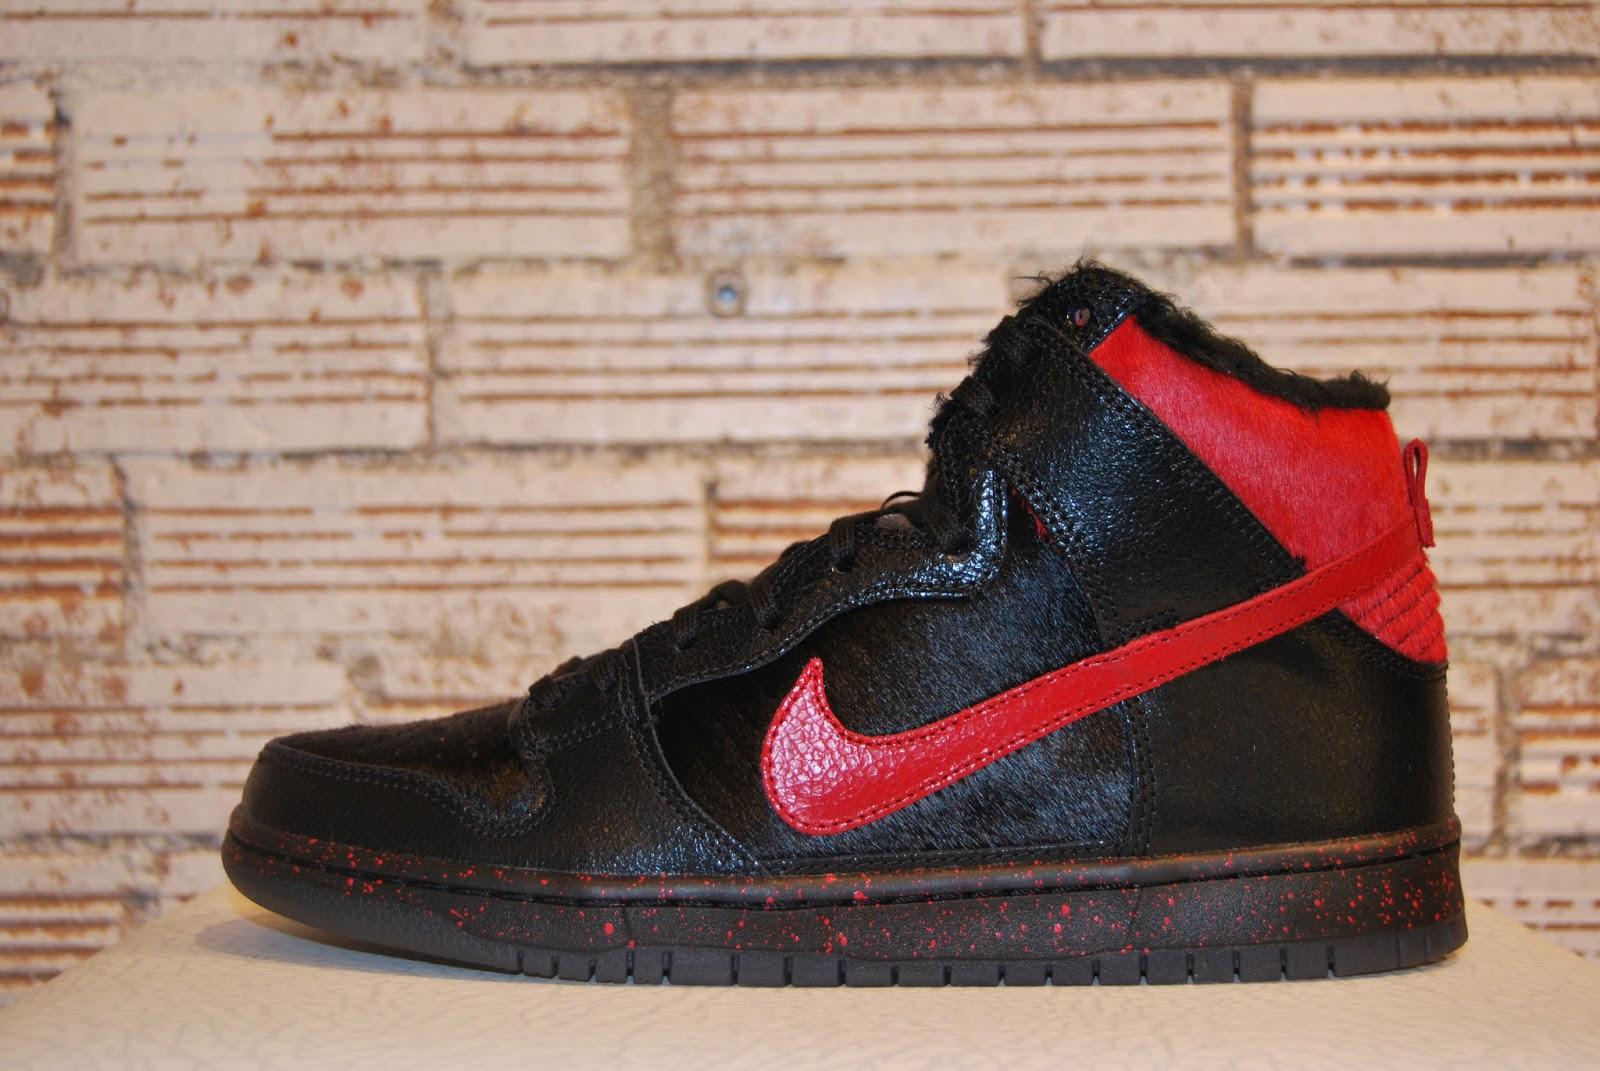 lowest price 96f13 622fd Phat Soles: Nike Dunk Hi Pro Premium SB